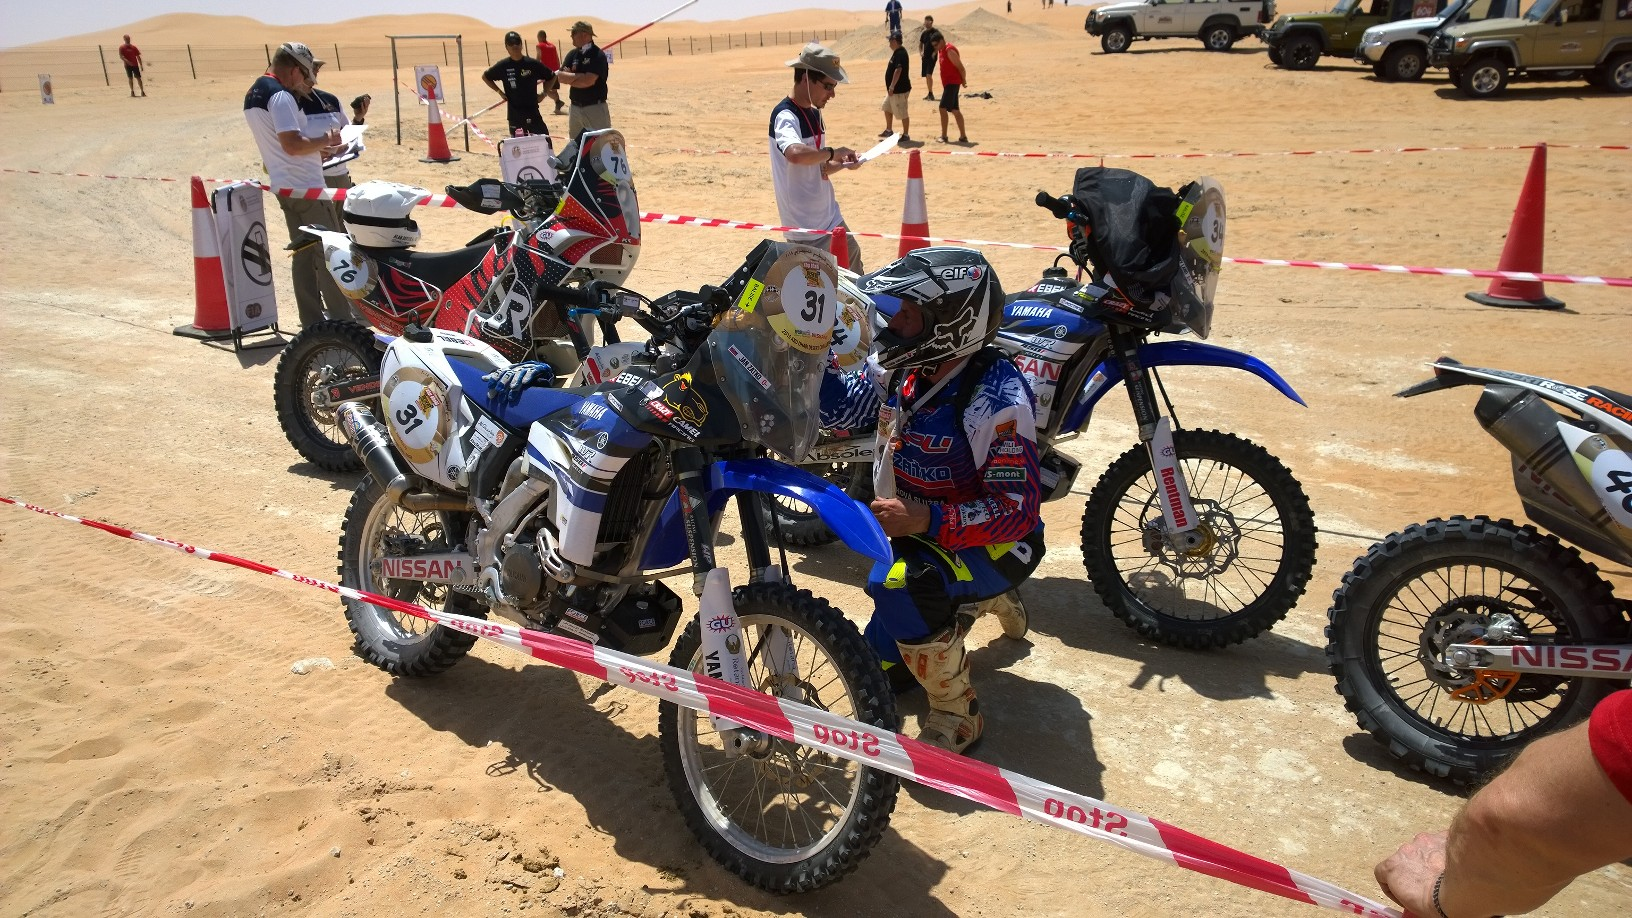 Abu Dhabi Desert Challenge 2015 Yamaha WR450F Rally 6